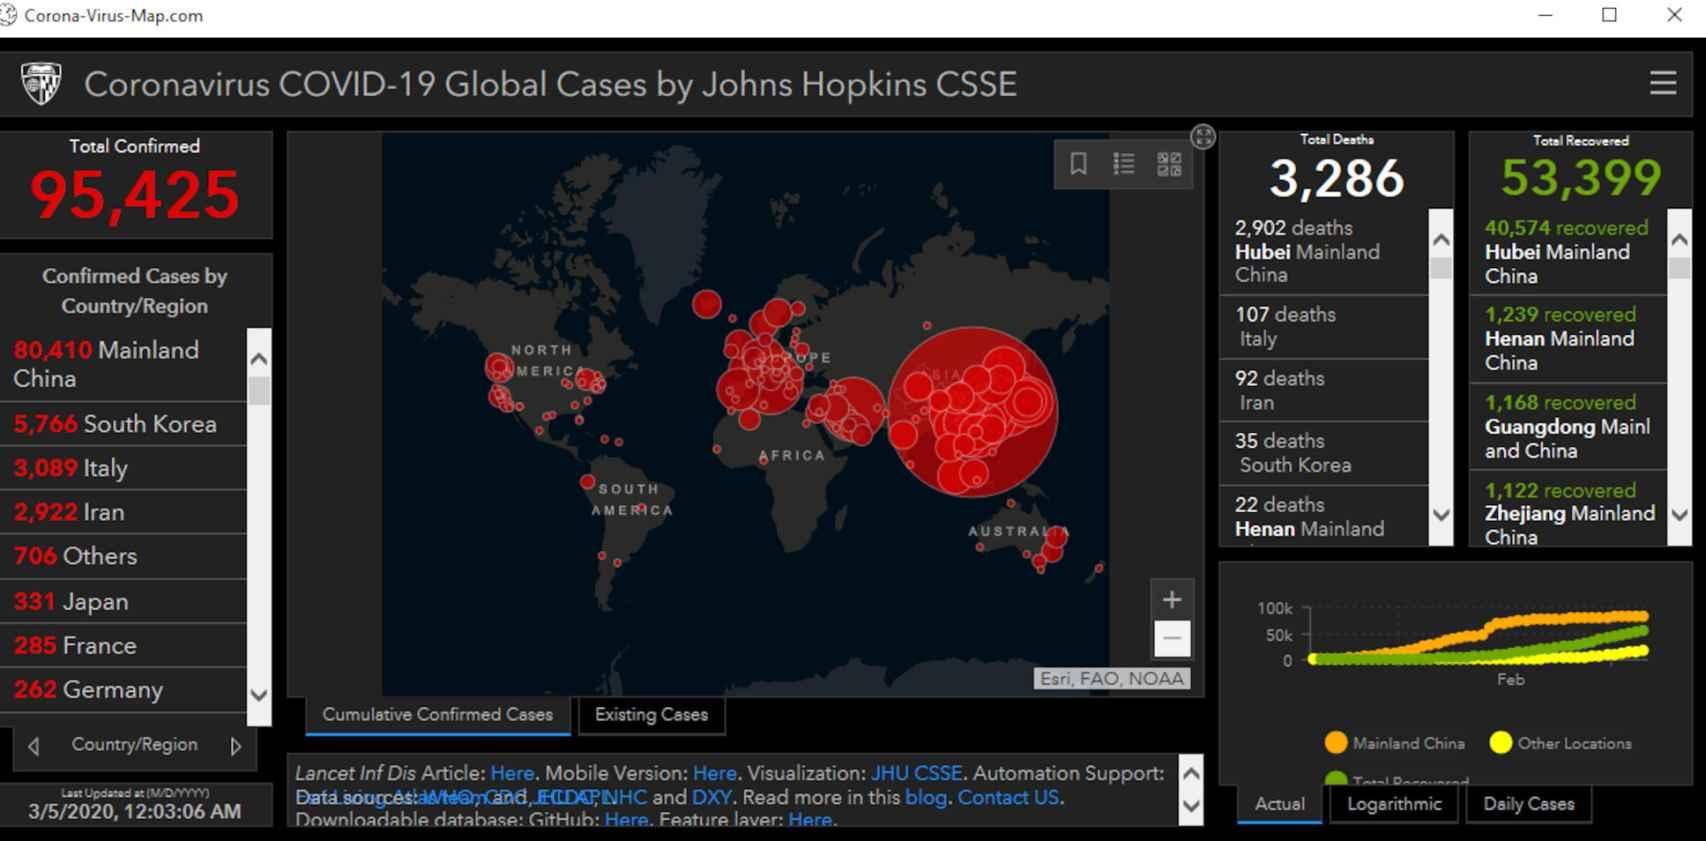 Aplicación falsa sobre el coronavirus